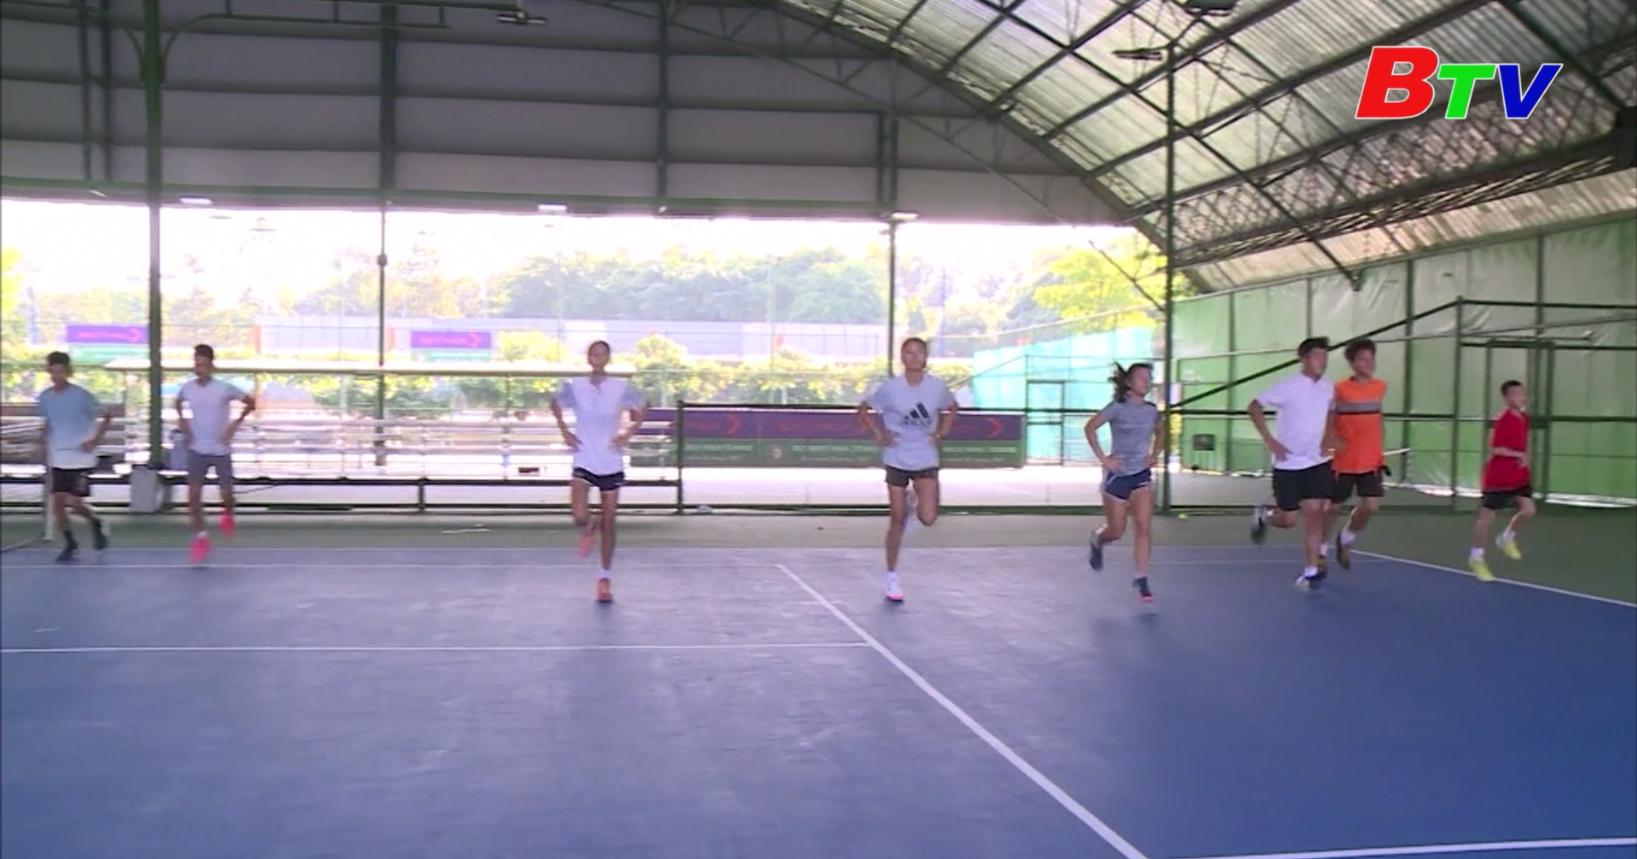 Đội tuyển Quần vợt Becamex Bình Dương - Niềm hy vọng mới trong năm mới